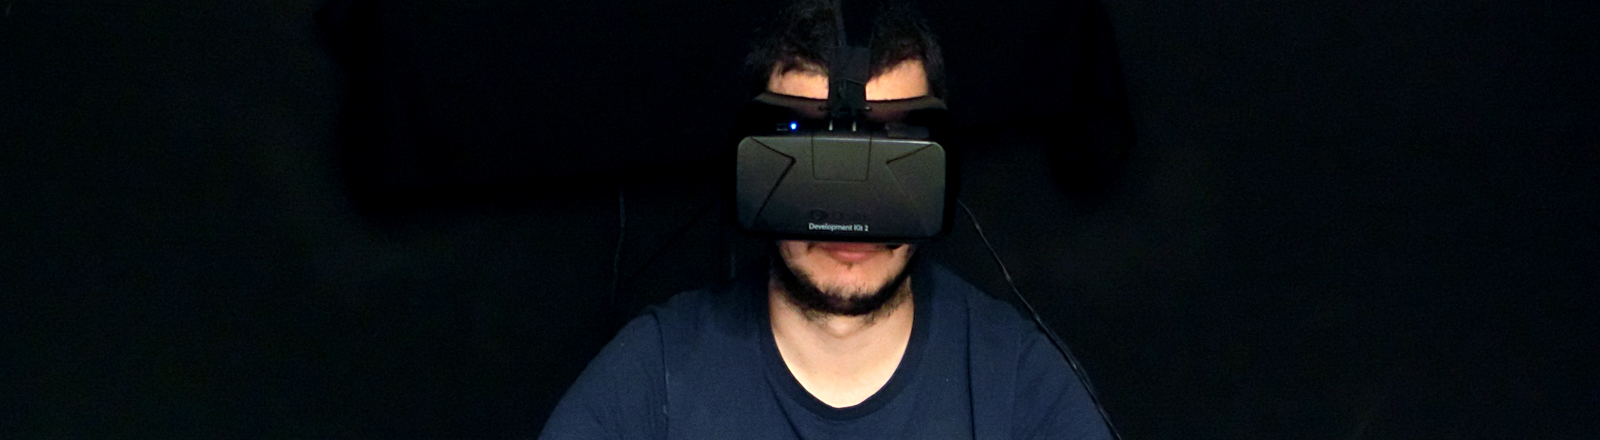 Typ mit VR-Brille